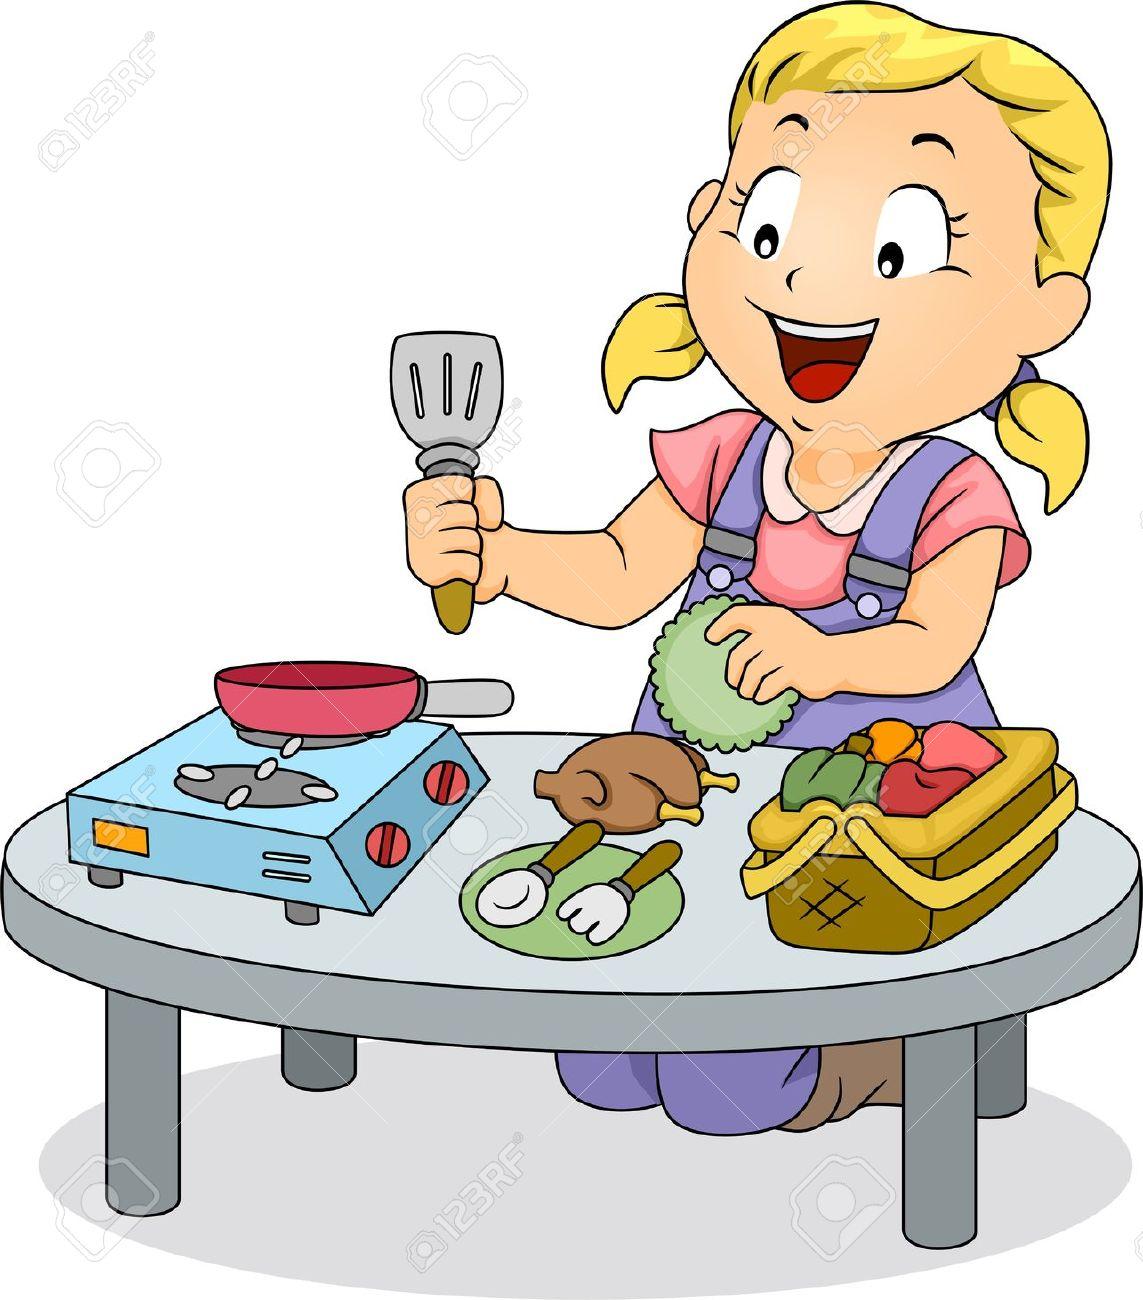 illustration von einem kleinkind mädchen spielen mit spielzeug ... - Kleinkind Küche